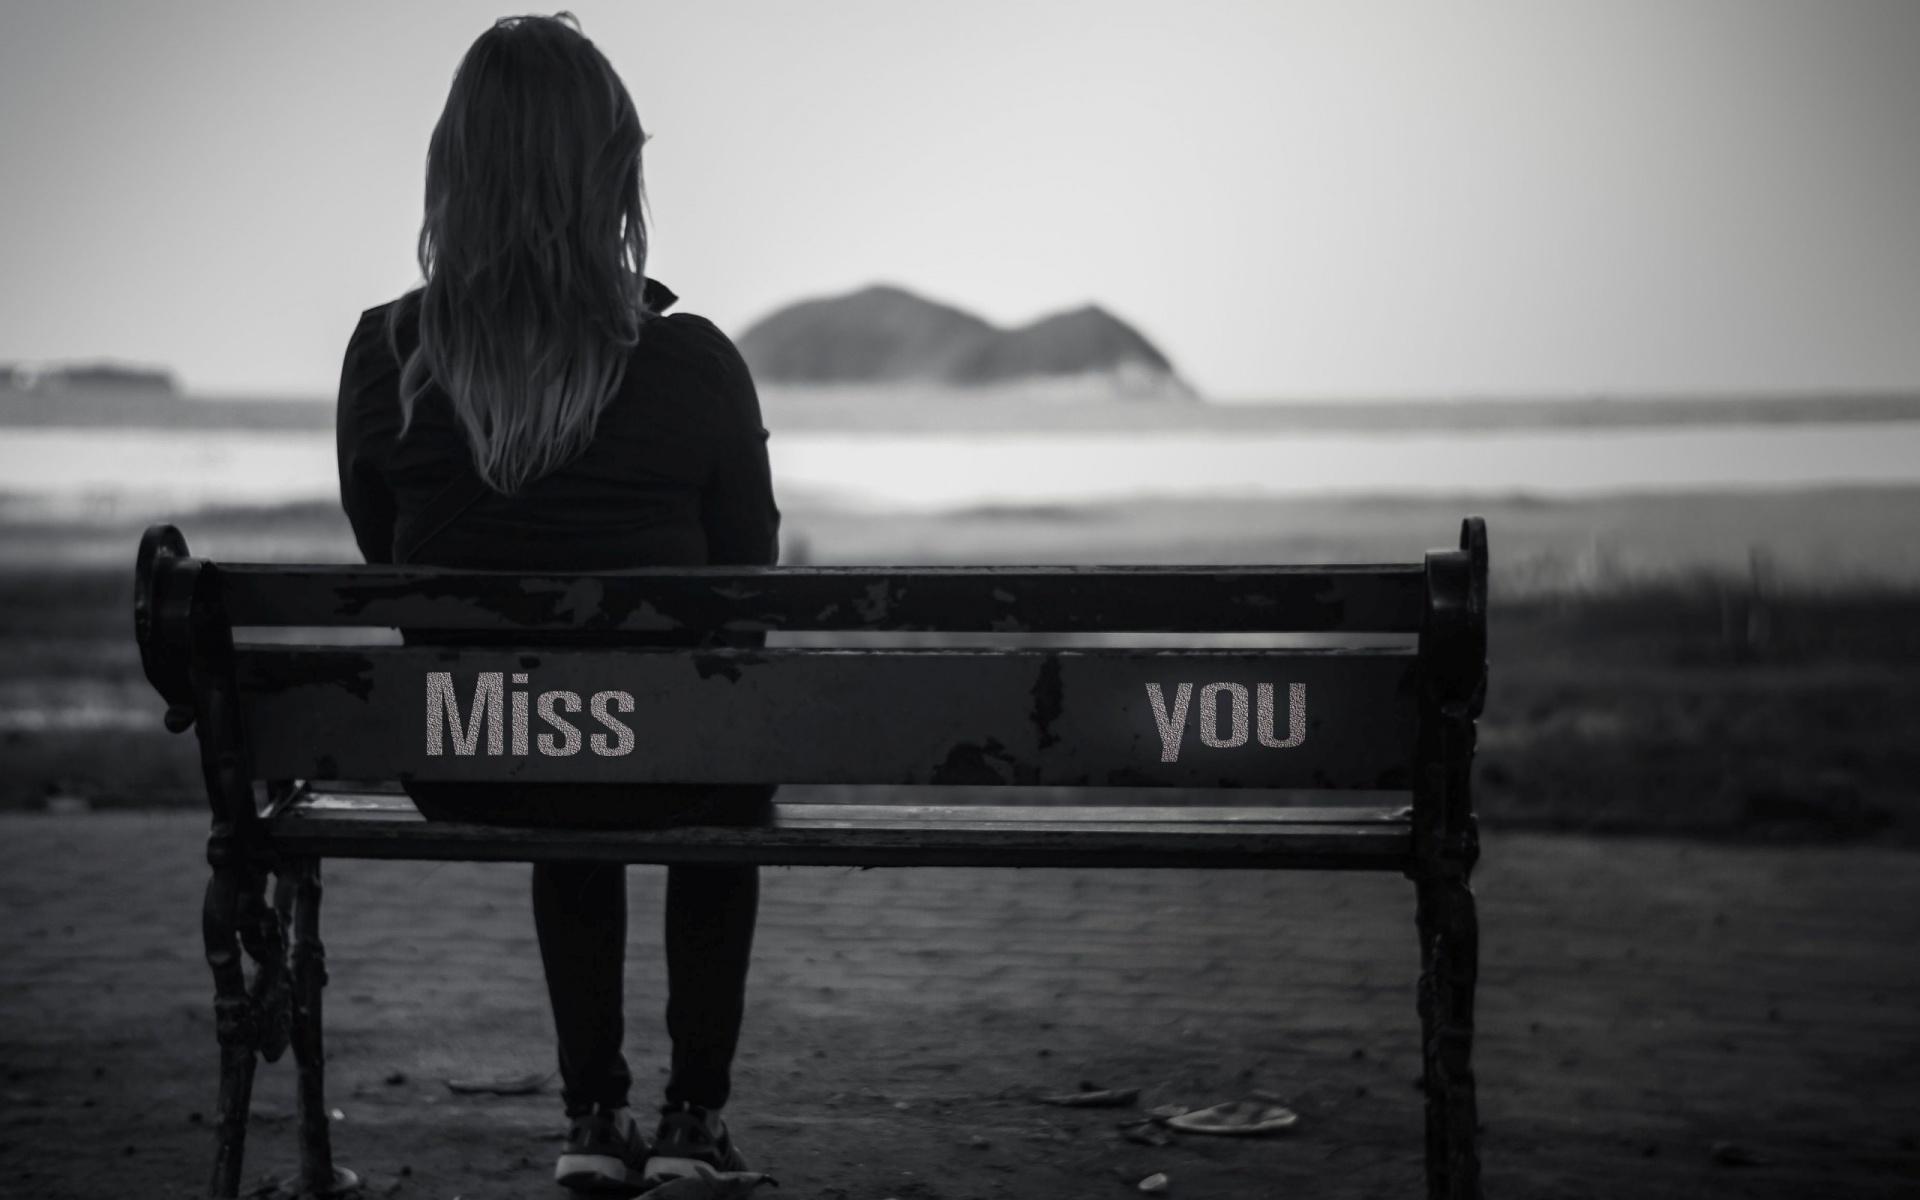 زیباترین جملات کوتاه عاشقانه مفهومی و احساسی با عکس 97 – 2018